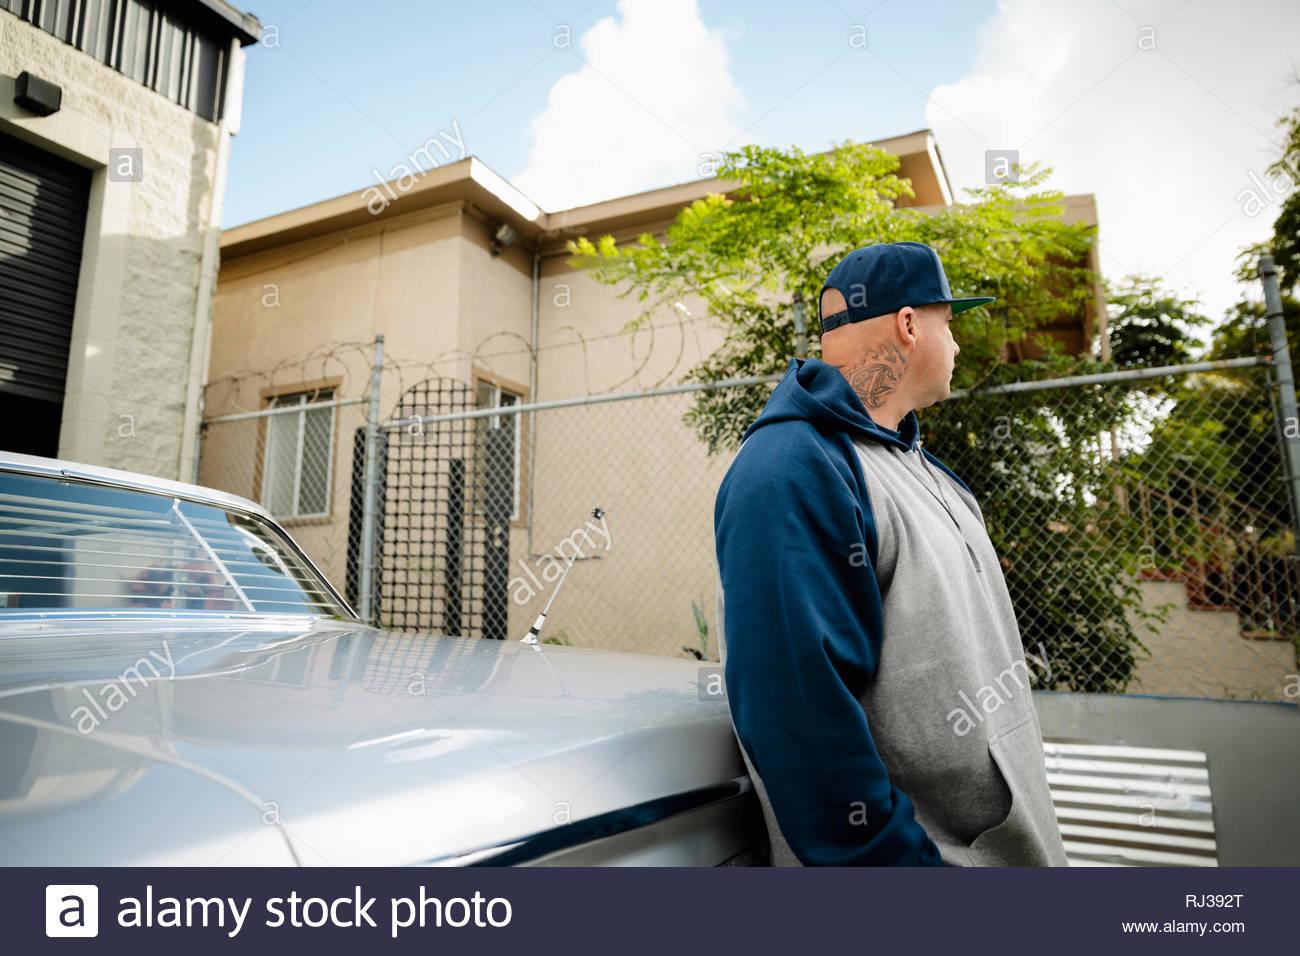 Latinx uomo appoggiato contro l'auto d'epoca Immagini Stock